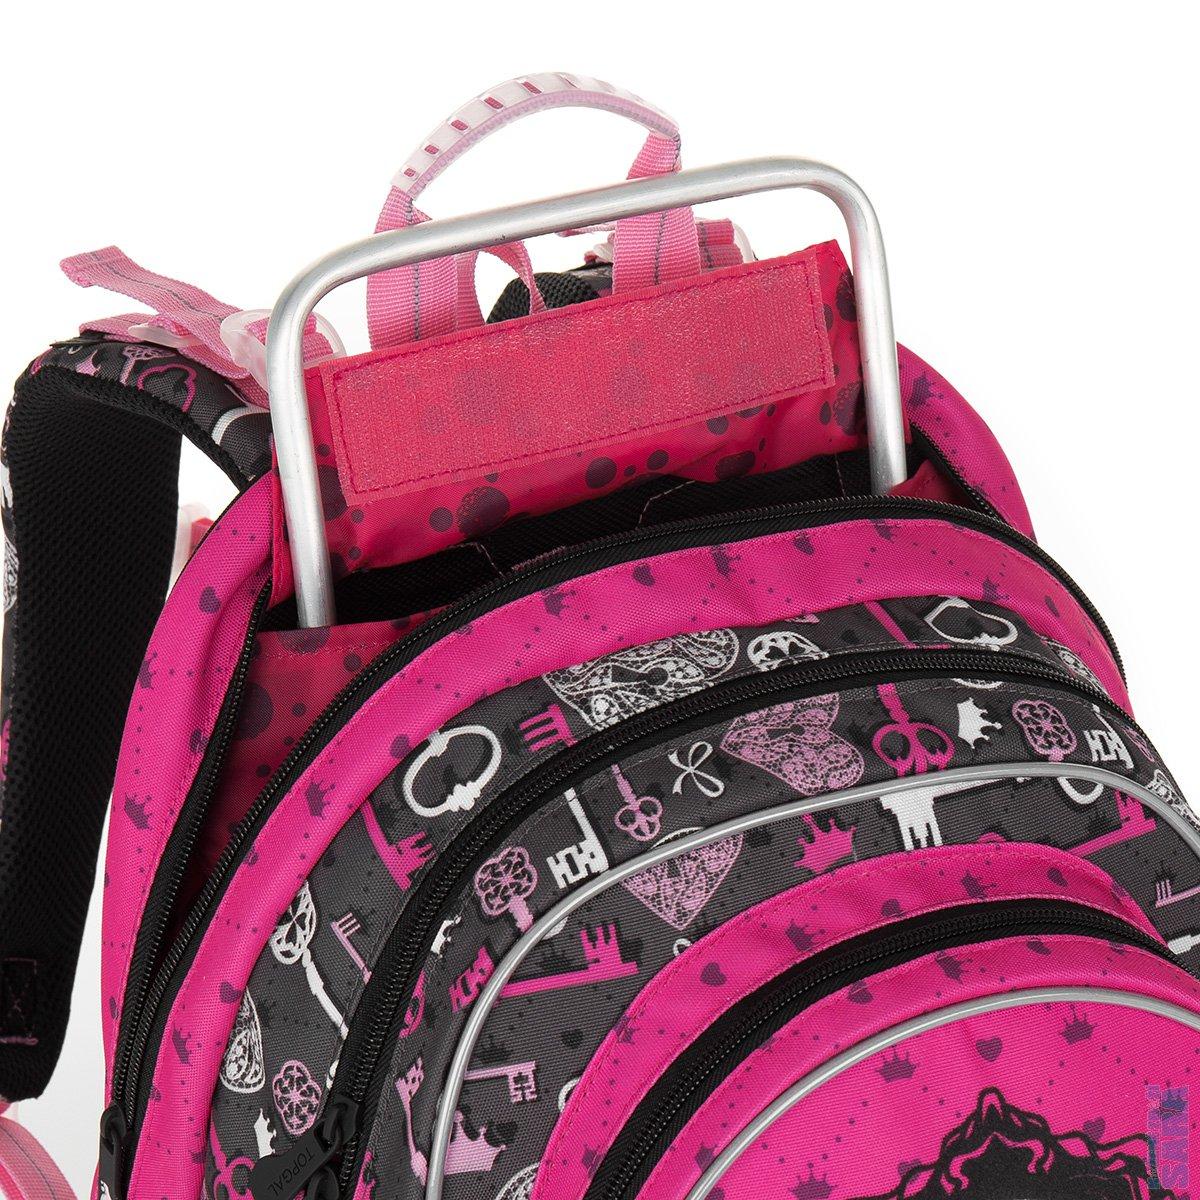 953f18e7536 Školní batoh CHI 875 H pink - Doprava zdarma